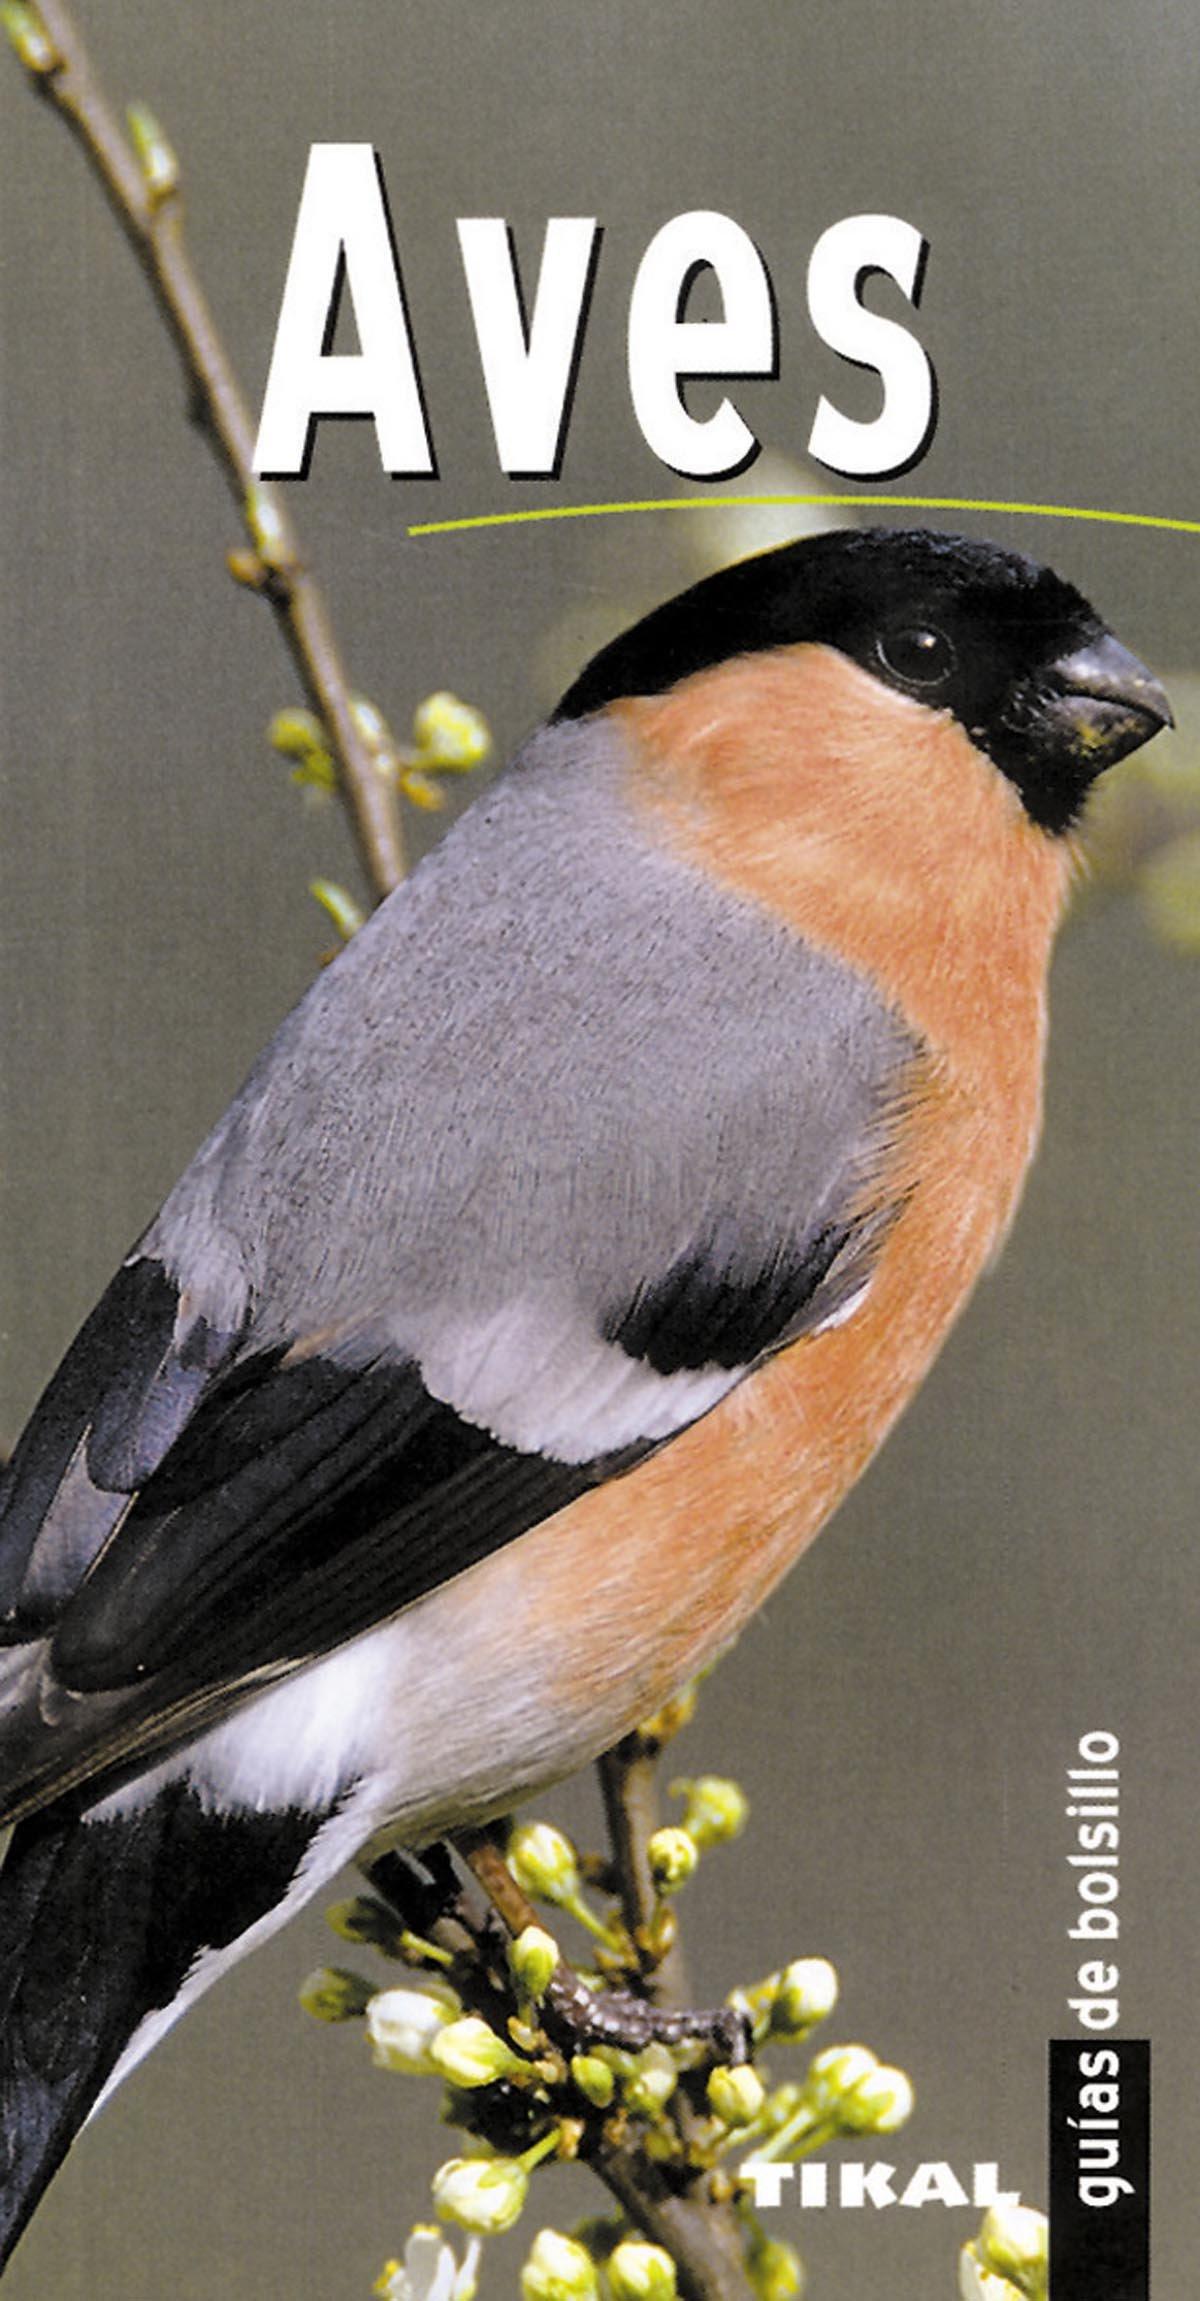 Aves(Guias De Bolsillo) (Guías De Bolsillo): Amazon.es: Dupérat, Maurice: Libros